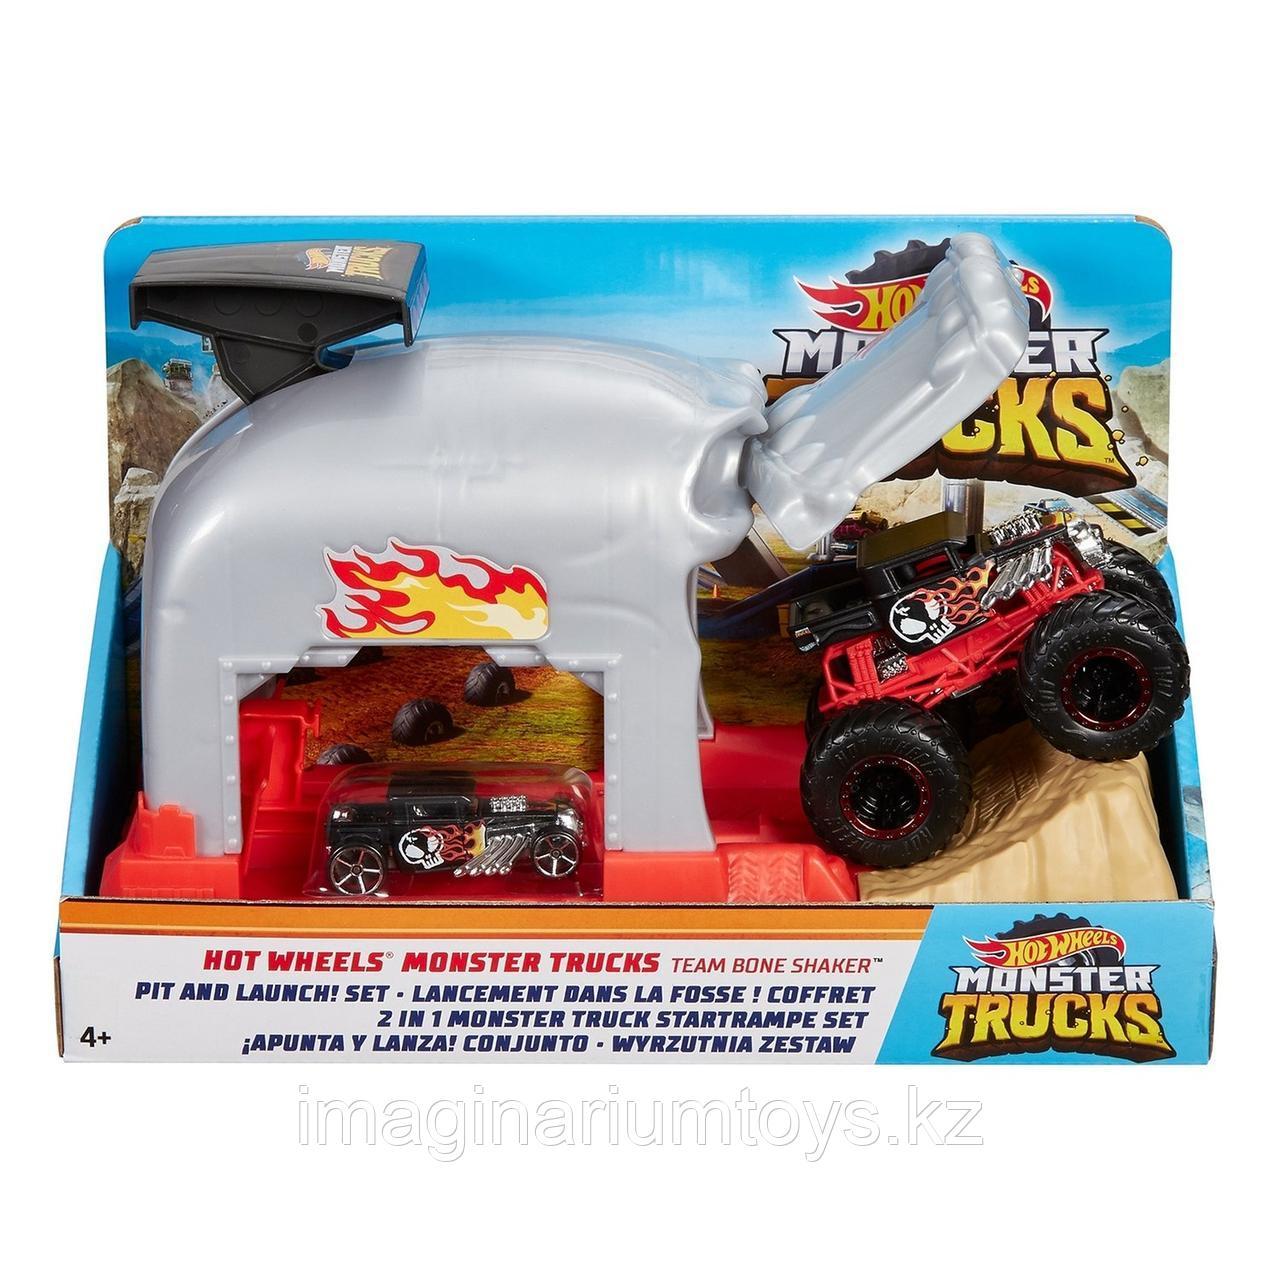 Hot Wheels игровой набор Монстр-Трак Пусковой гараж Череп - фото 5